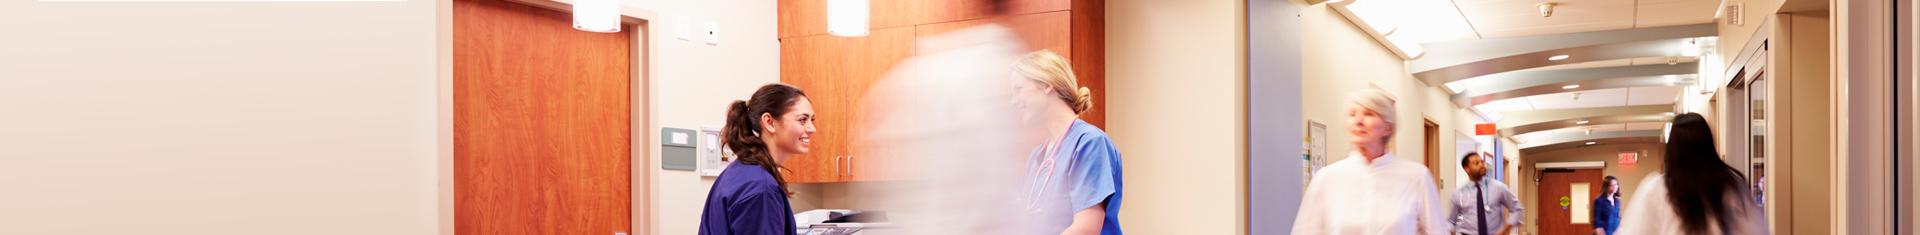 Pulseiras de Identificação Hospitalar